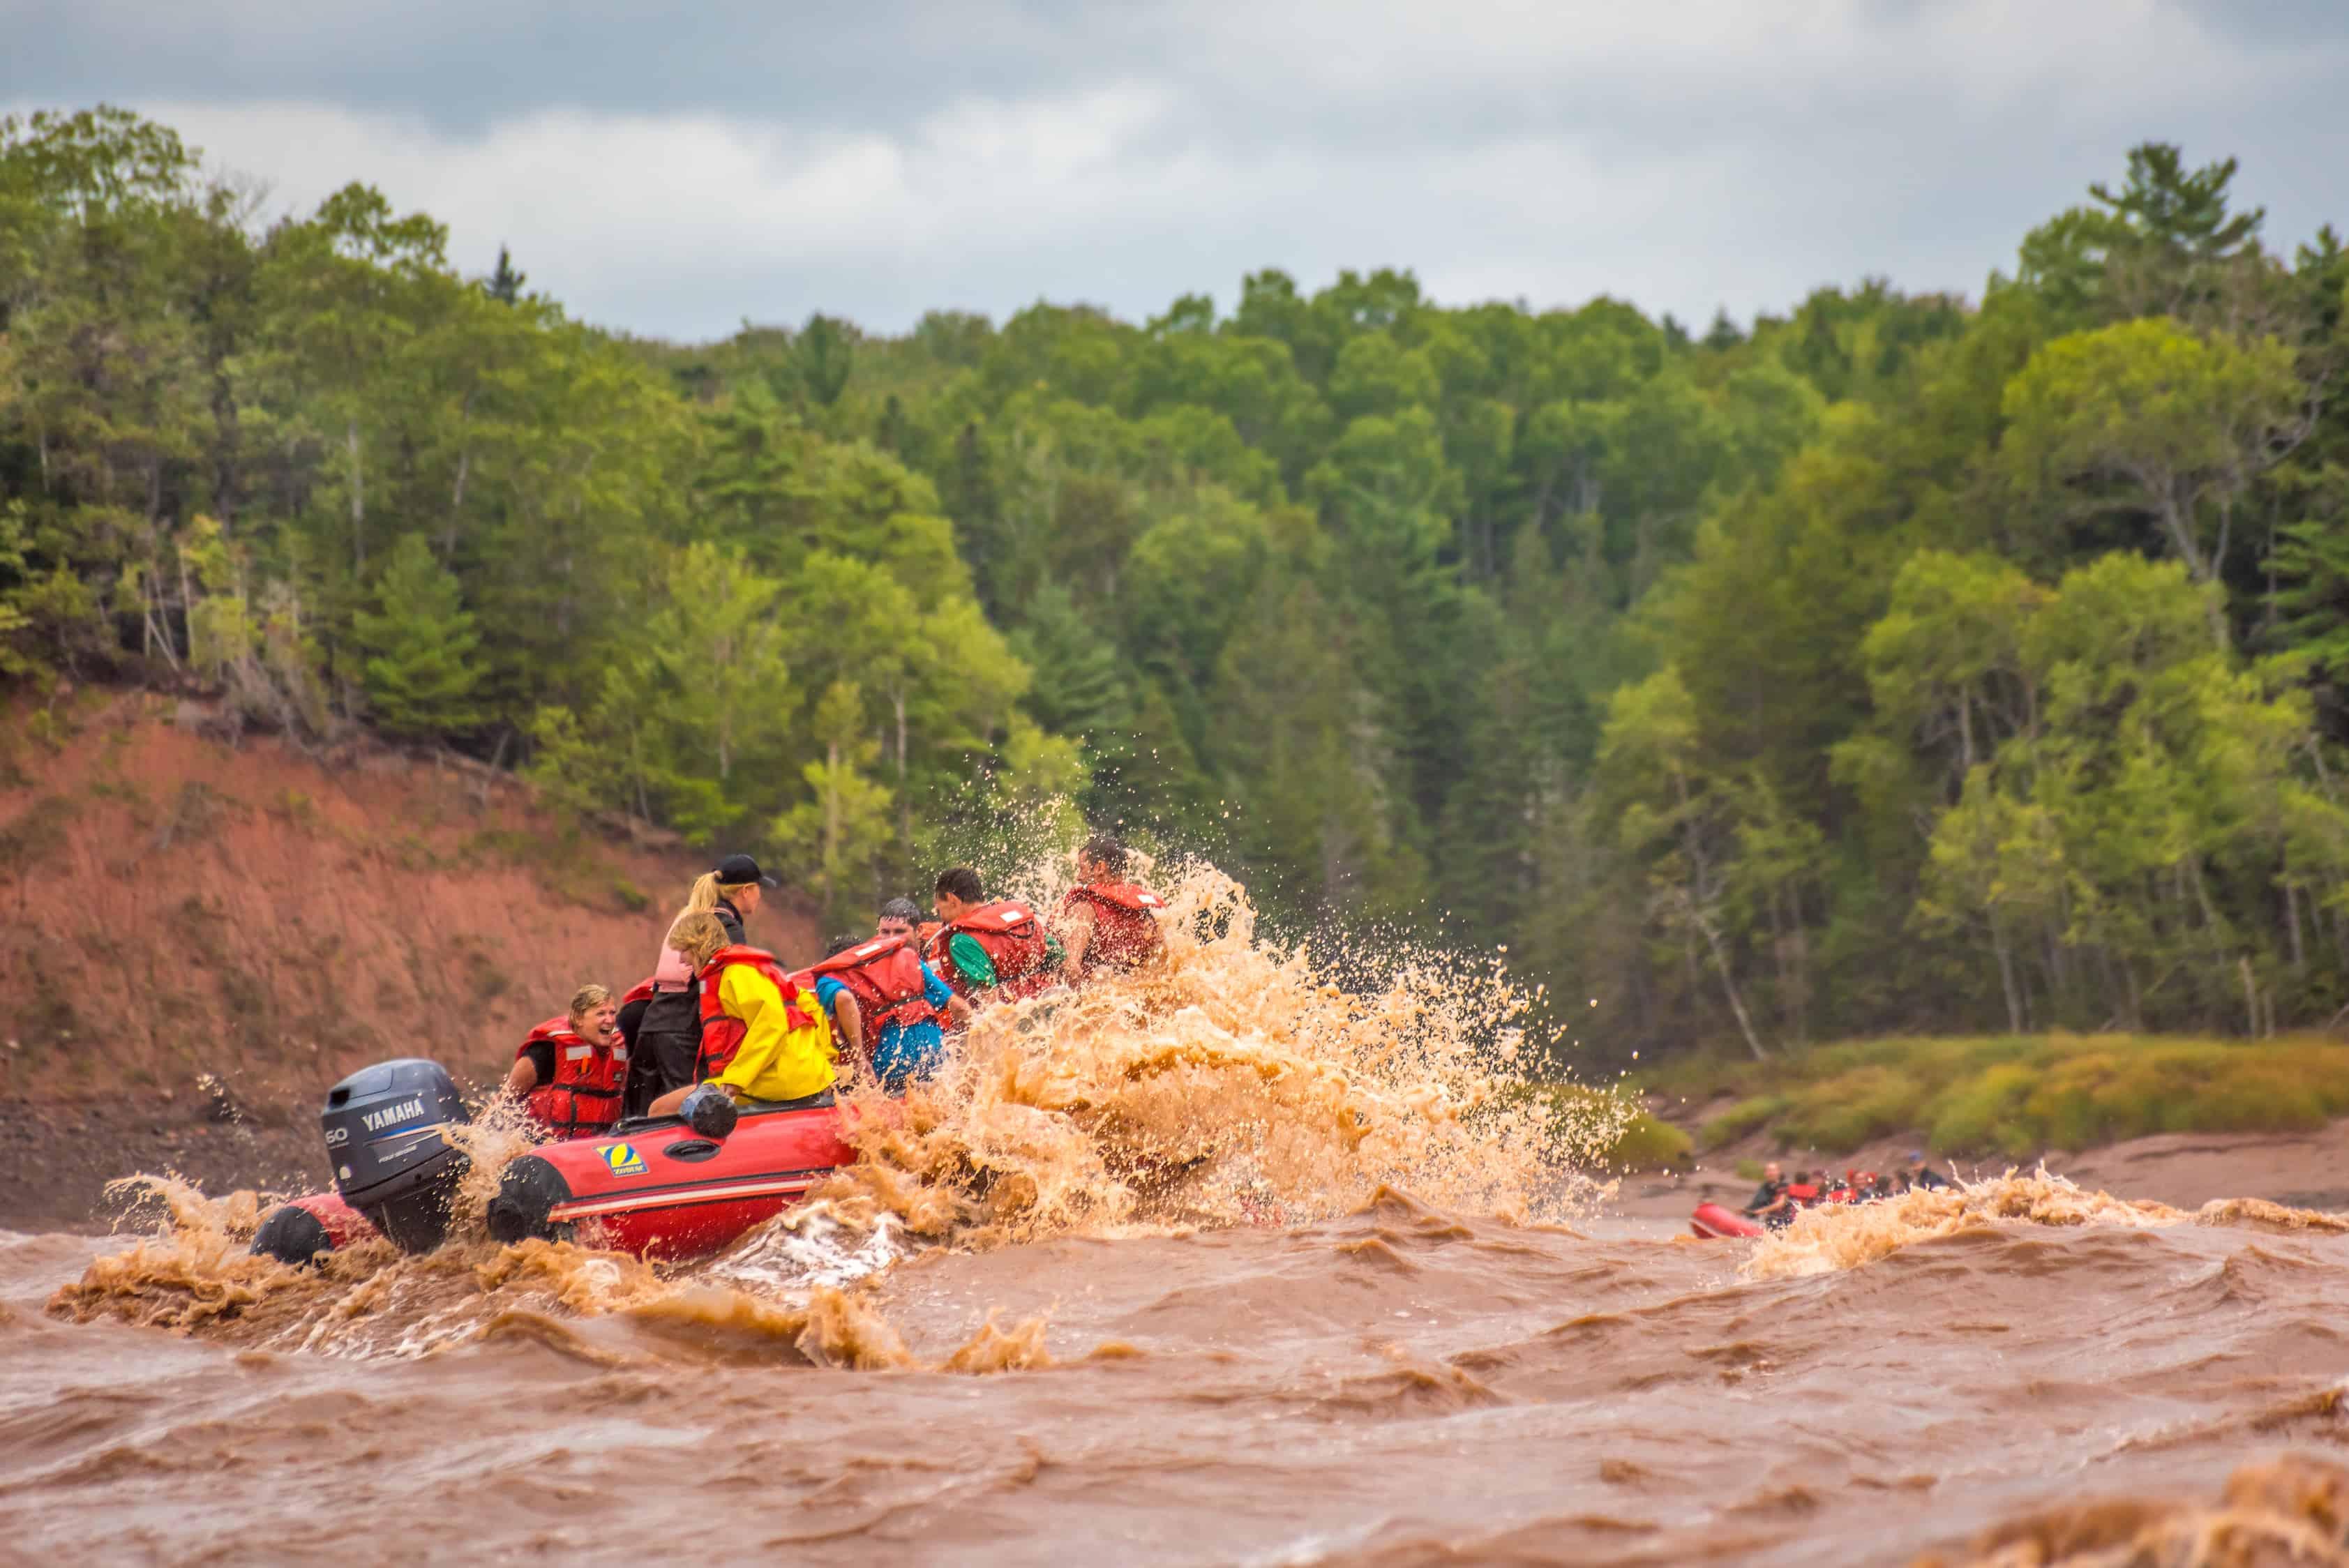 tidal bore rafting auf roten Schluchbooten.